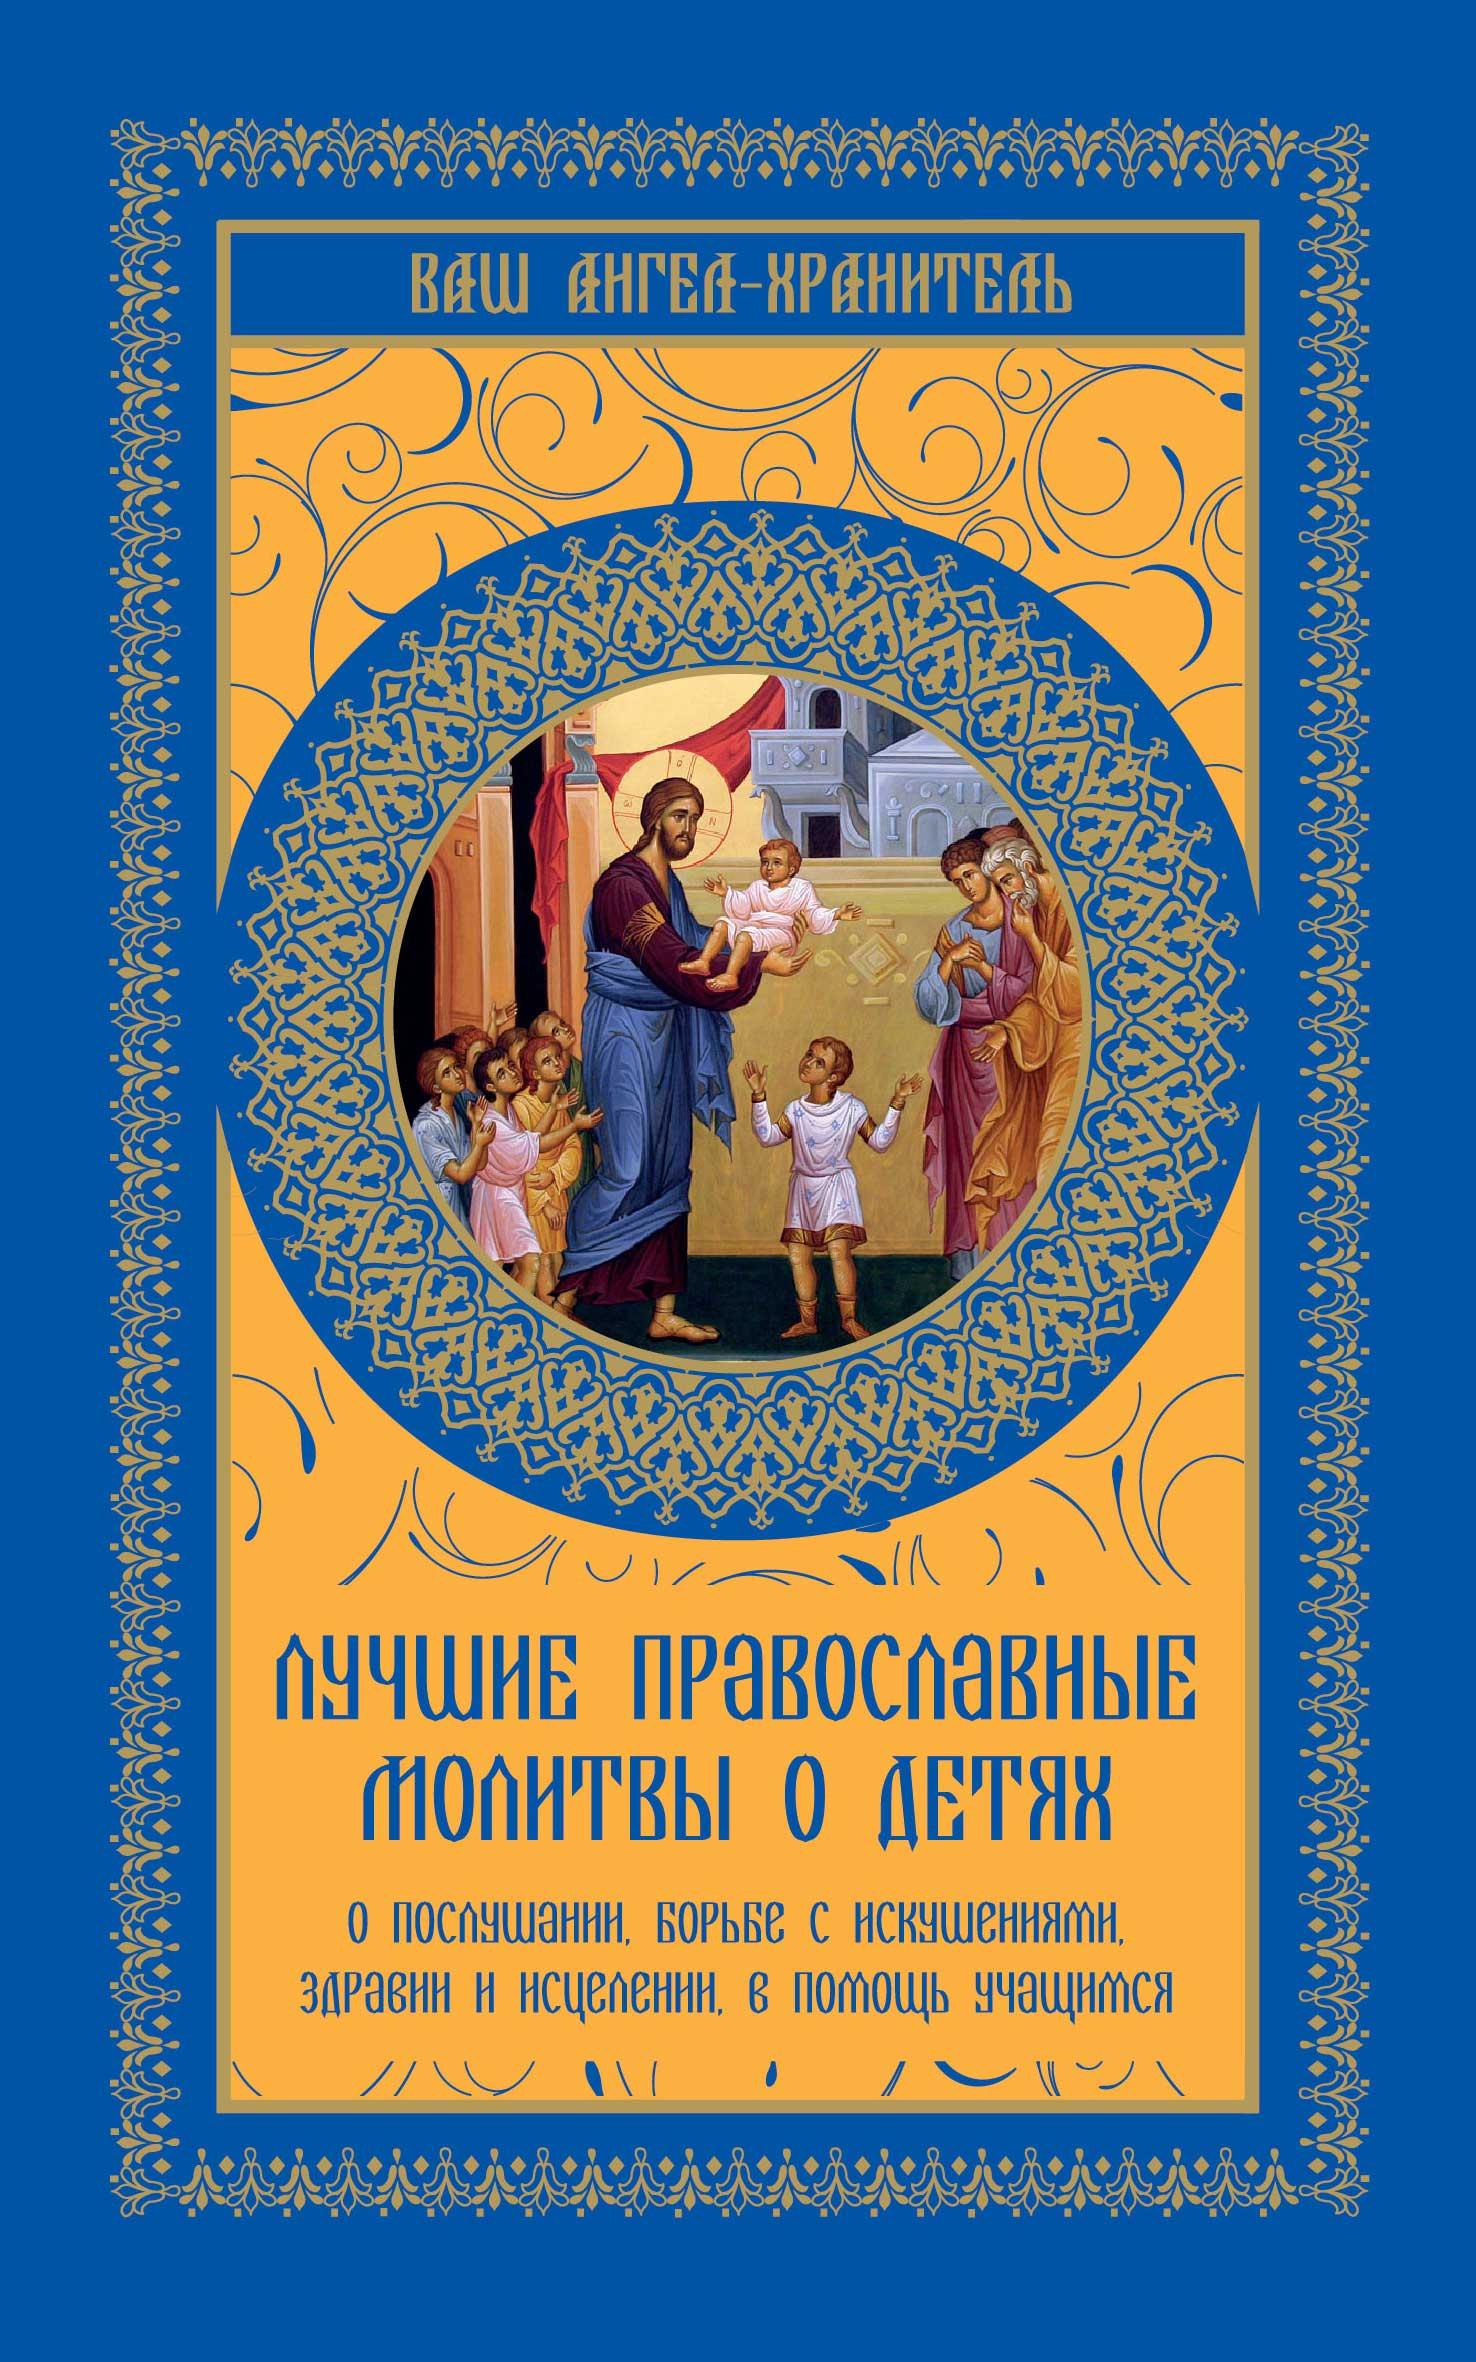 цена на Отсутствует Лучшие православные молитвы о детях. О послушании, борьбе с искушениями, здравии и исцелении, в помощь учащимся